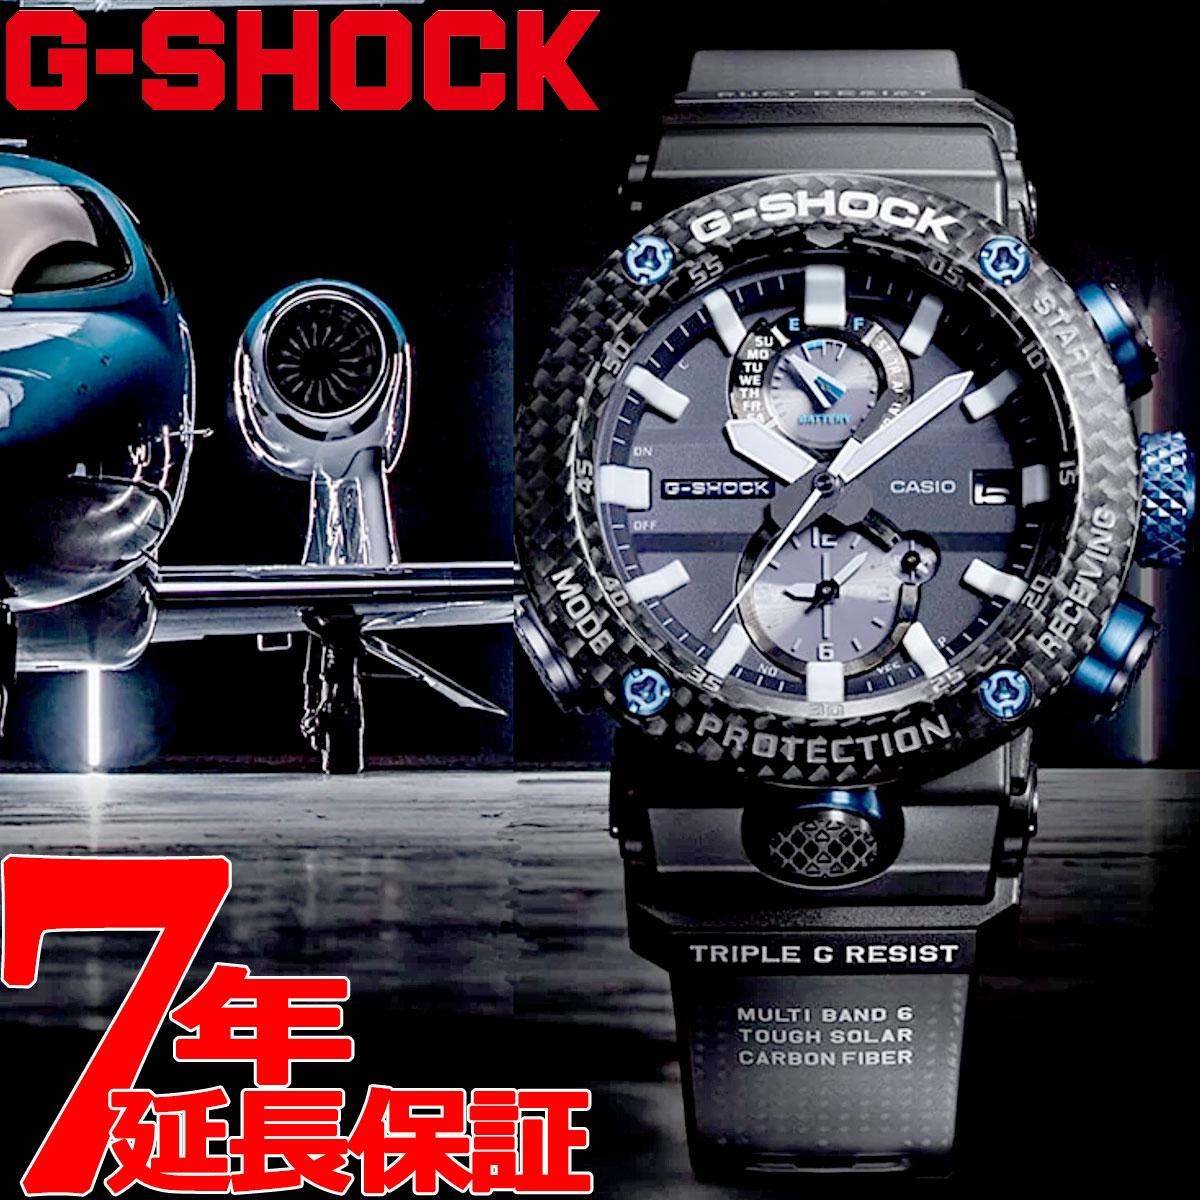 【今だけ!最大2000円OFFクーポン付!さらに店内ポイント最大43倍!】G-SHOCK カシオ Gショック グラビティマスター CASIO 電波 ソーラー 腕時計 メンズ GWR-B1000-1A1JF【2019 新作】